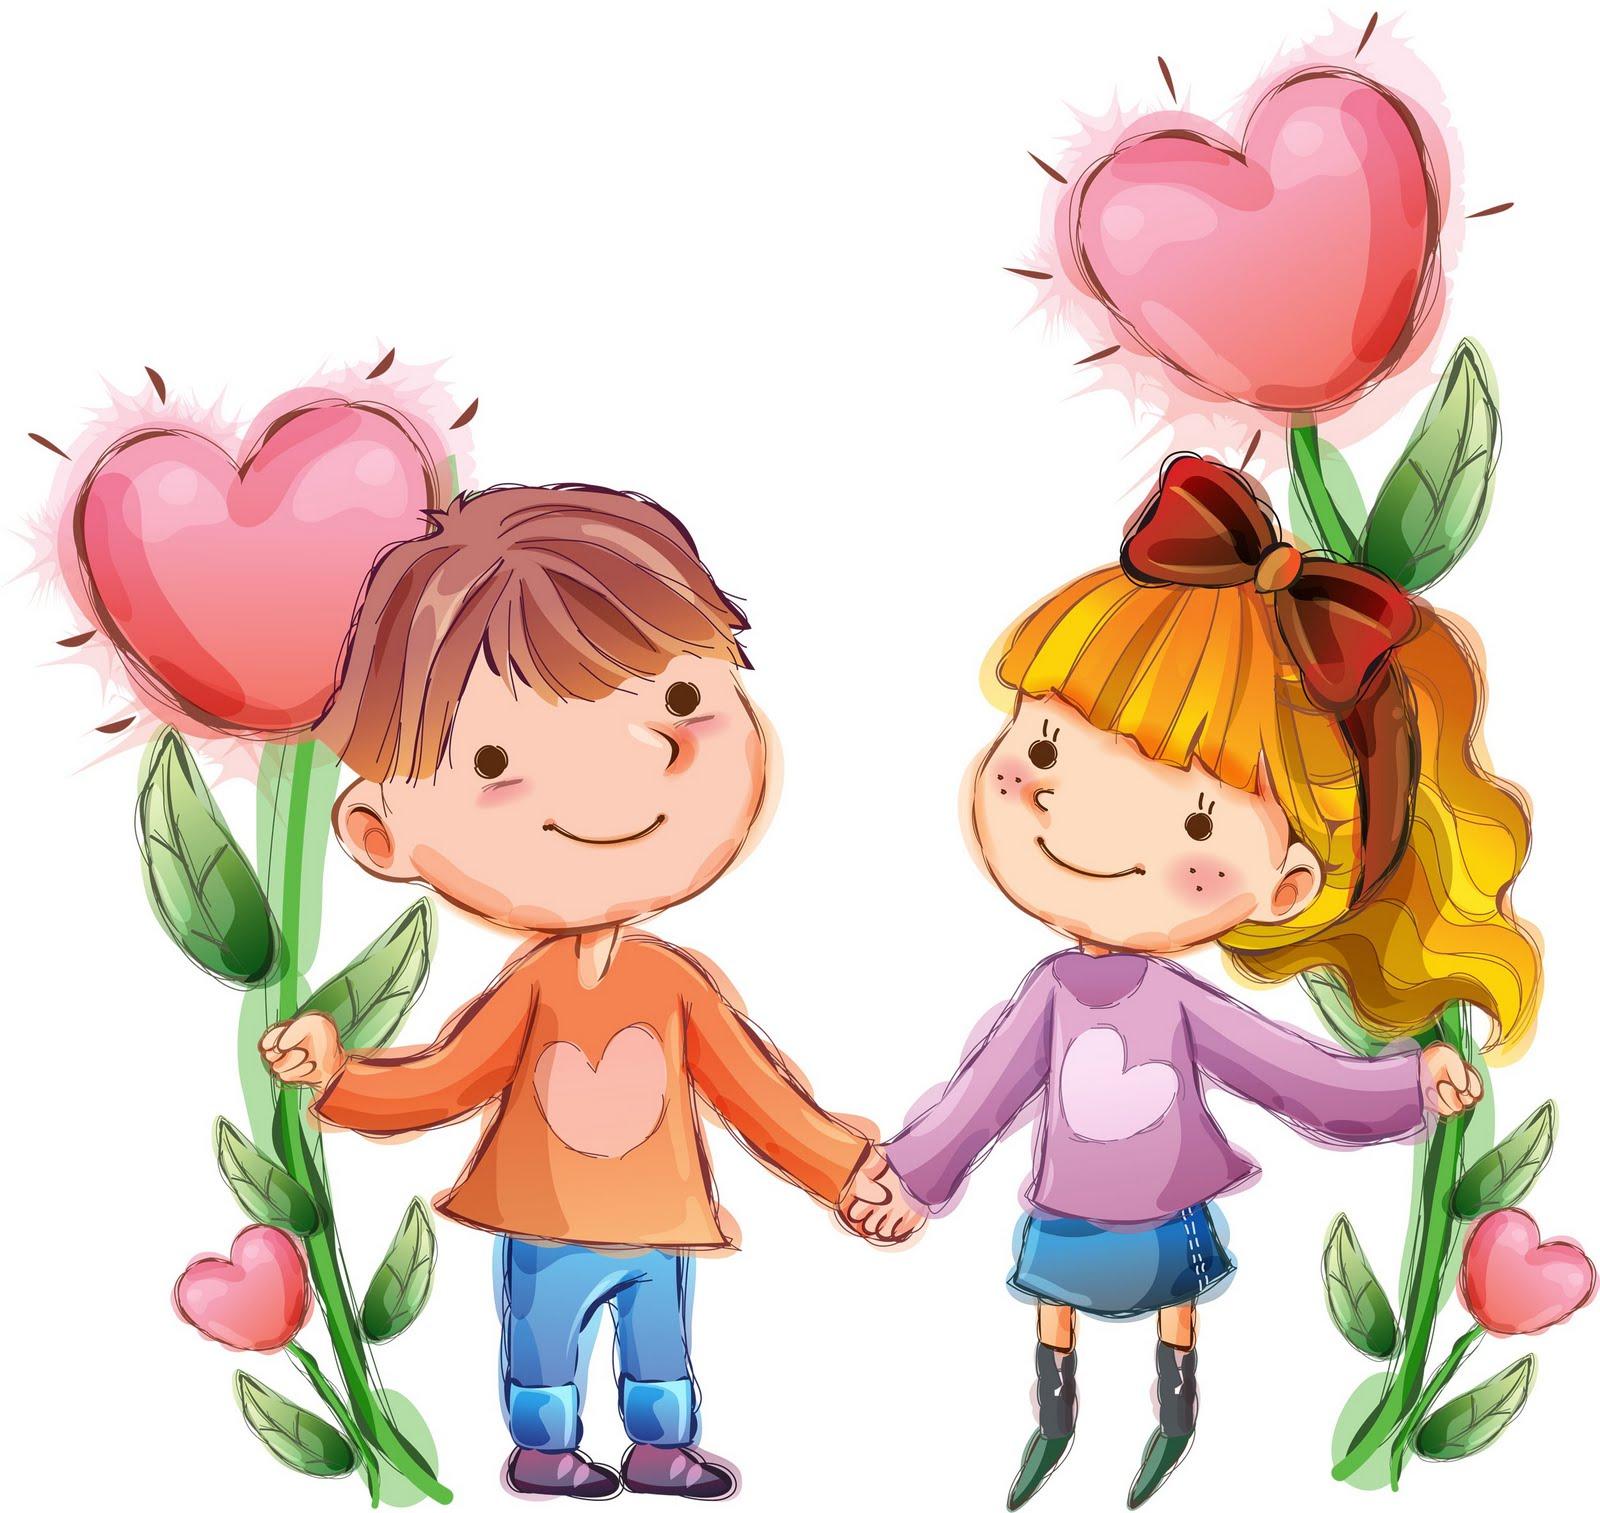 Dibujos a color ♥: ♥ Dibujos de niños San Valentin